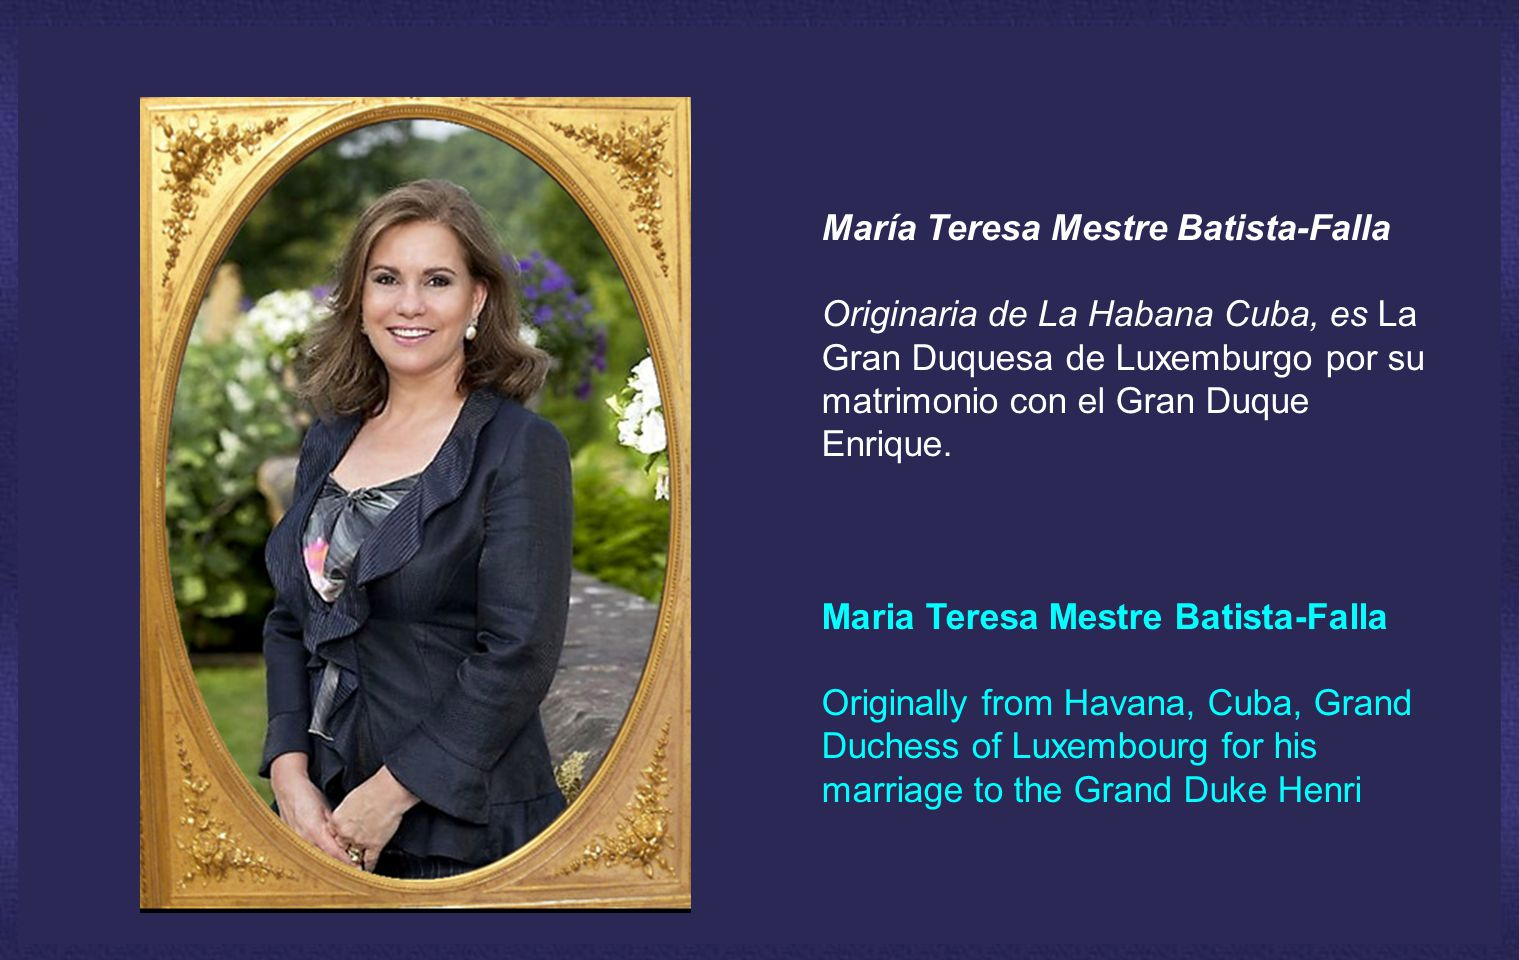 María Teresa Mestre Batista-Falla Originaria de La Habana Cuba, es La Gran Duquesa de Luxemburgo por su matrimonio con el Gran Duque Enrique.